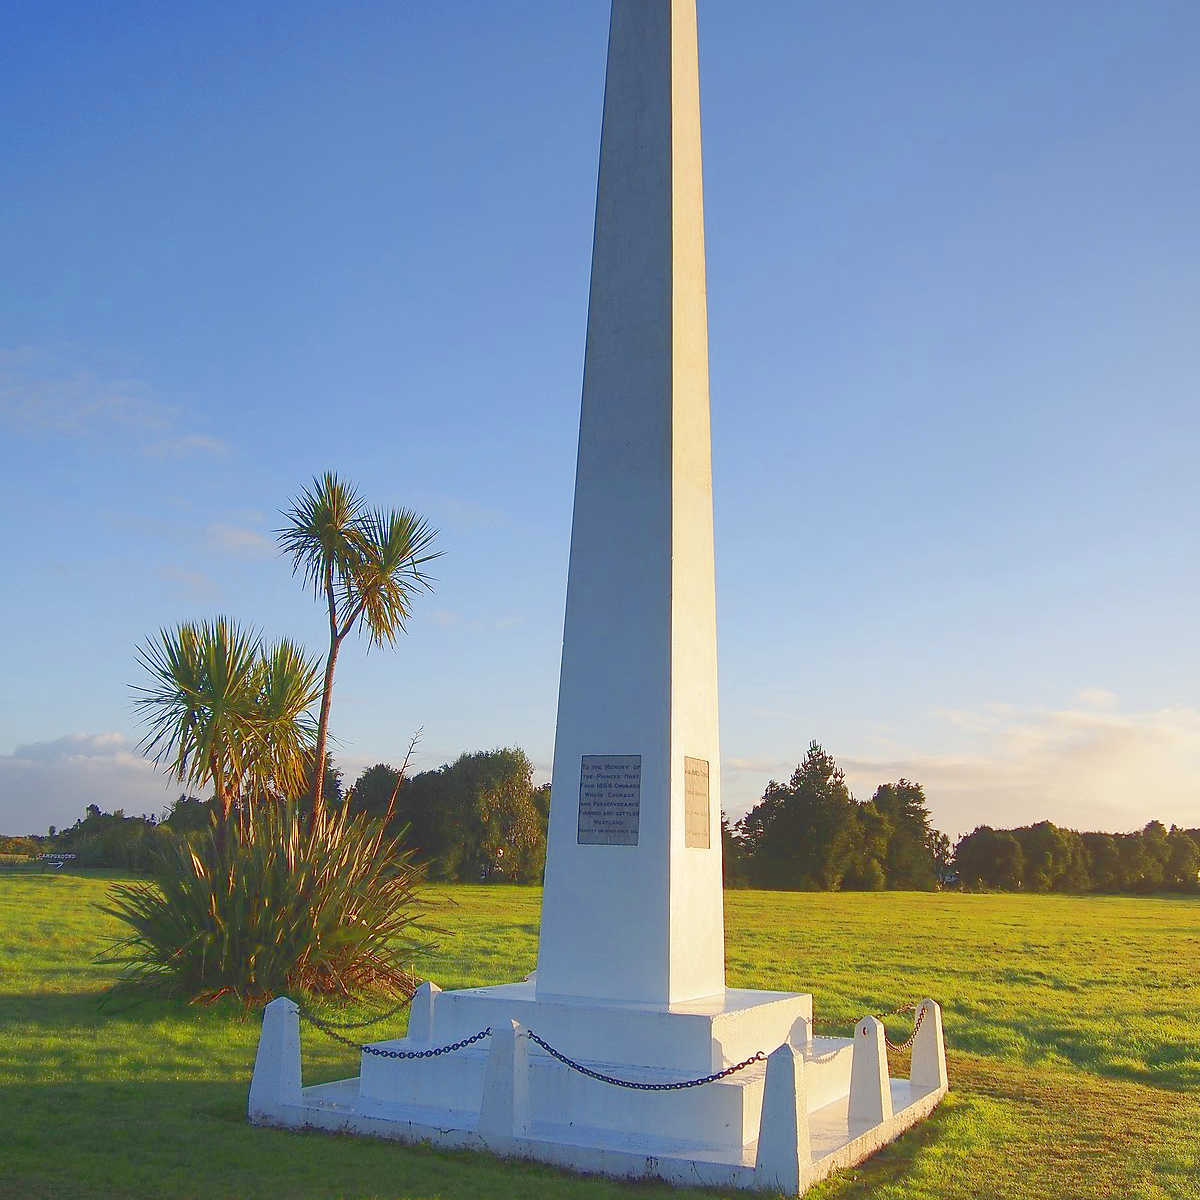 Memorial Obelisk, Okarito, West Coast,New Zealand @Tony Doy